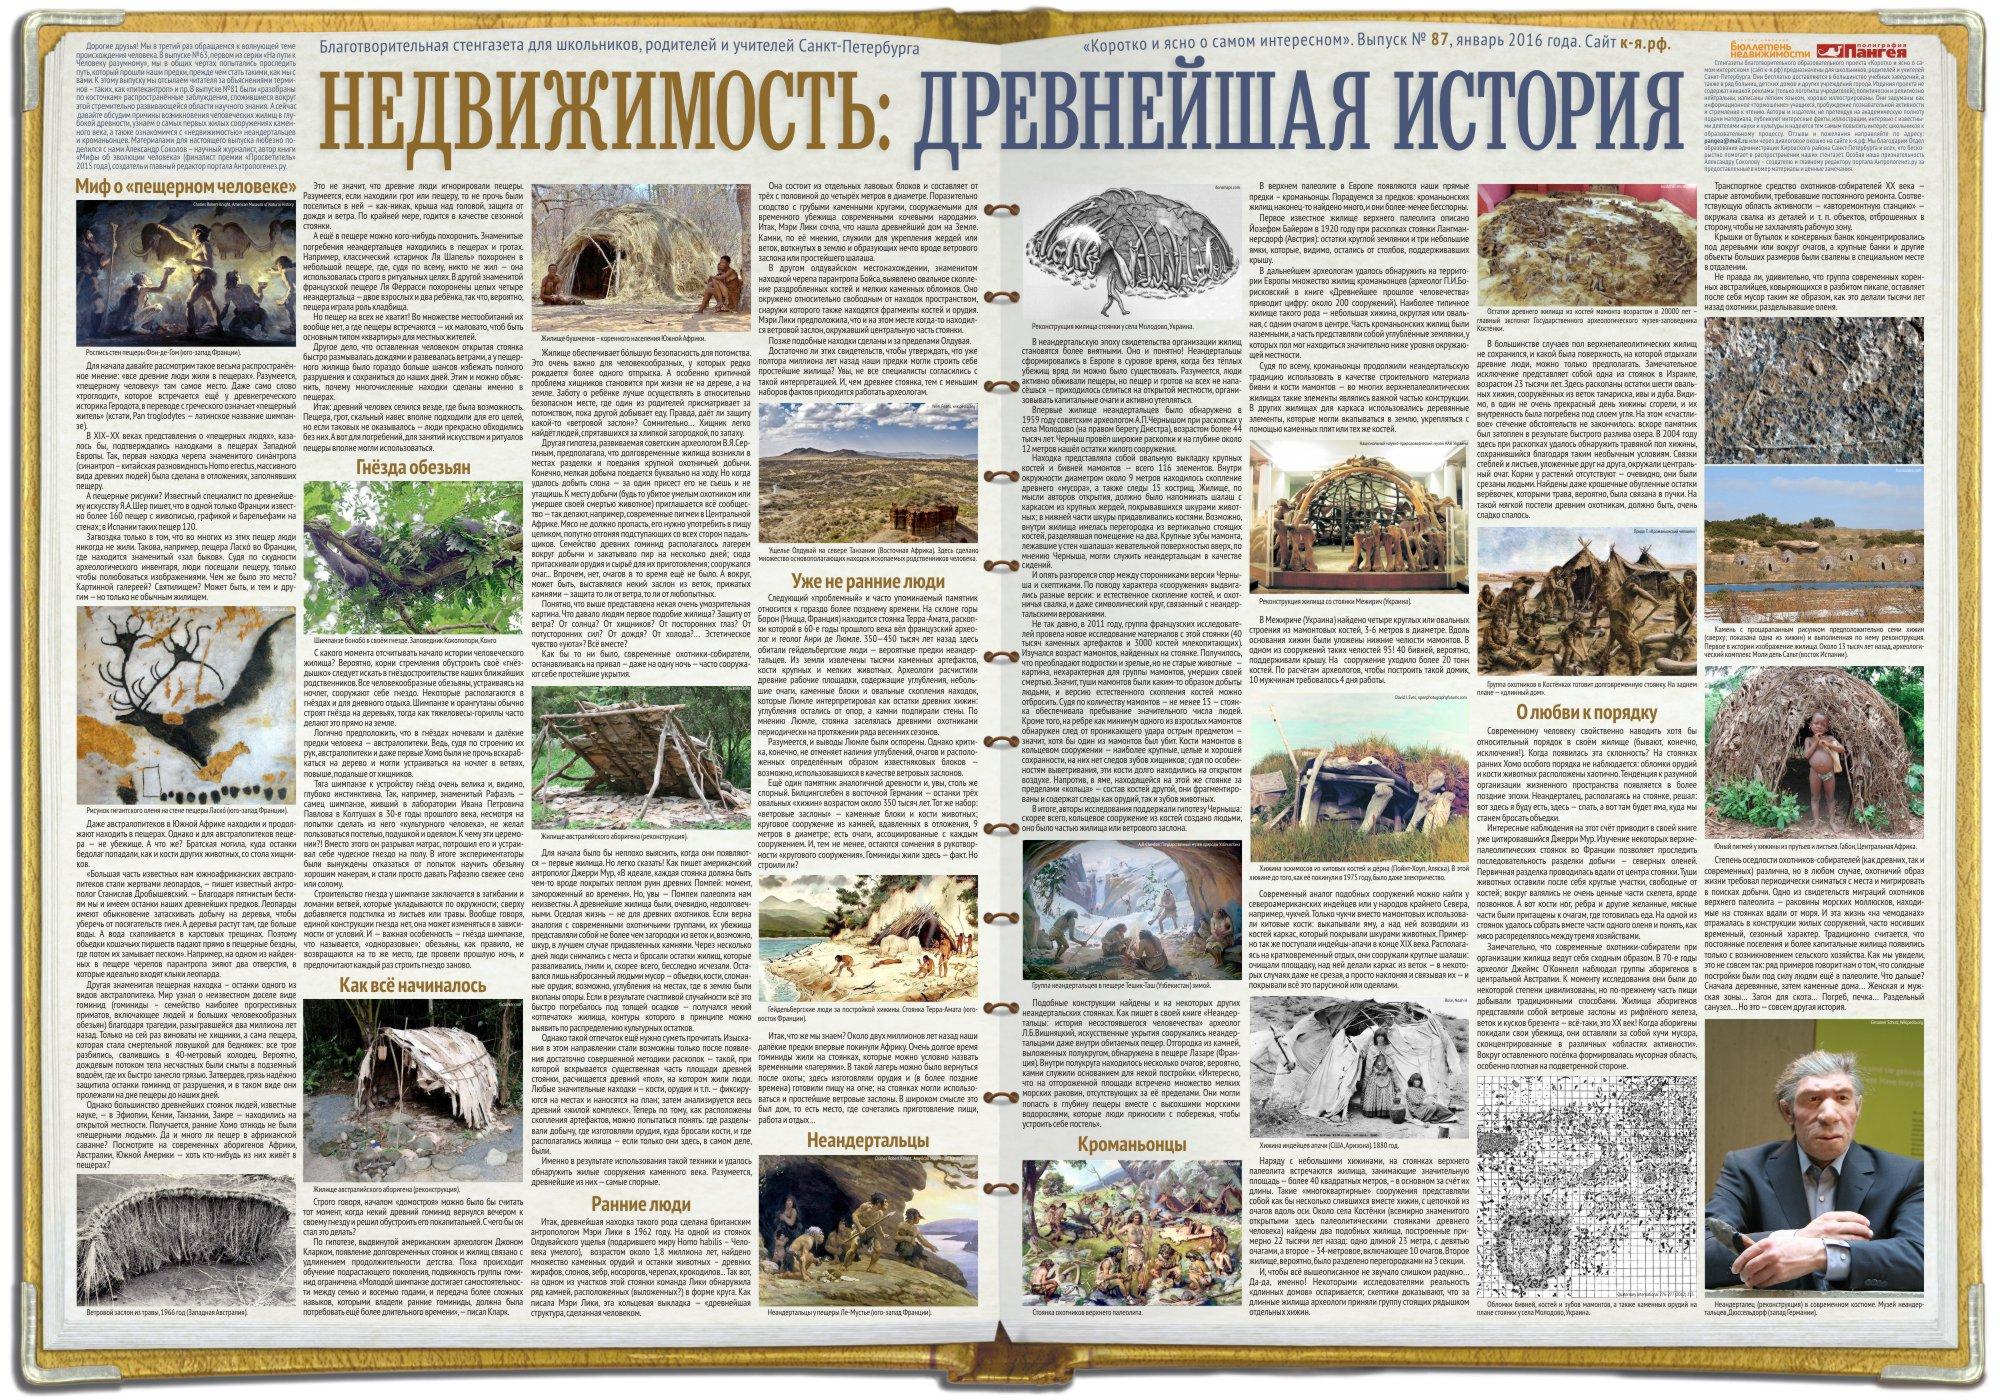 Стенгазета «Недвижимость: древнейшая история»